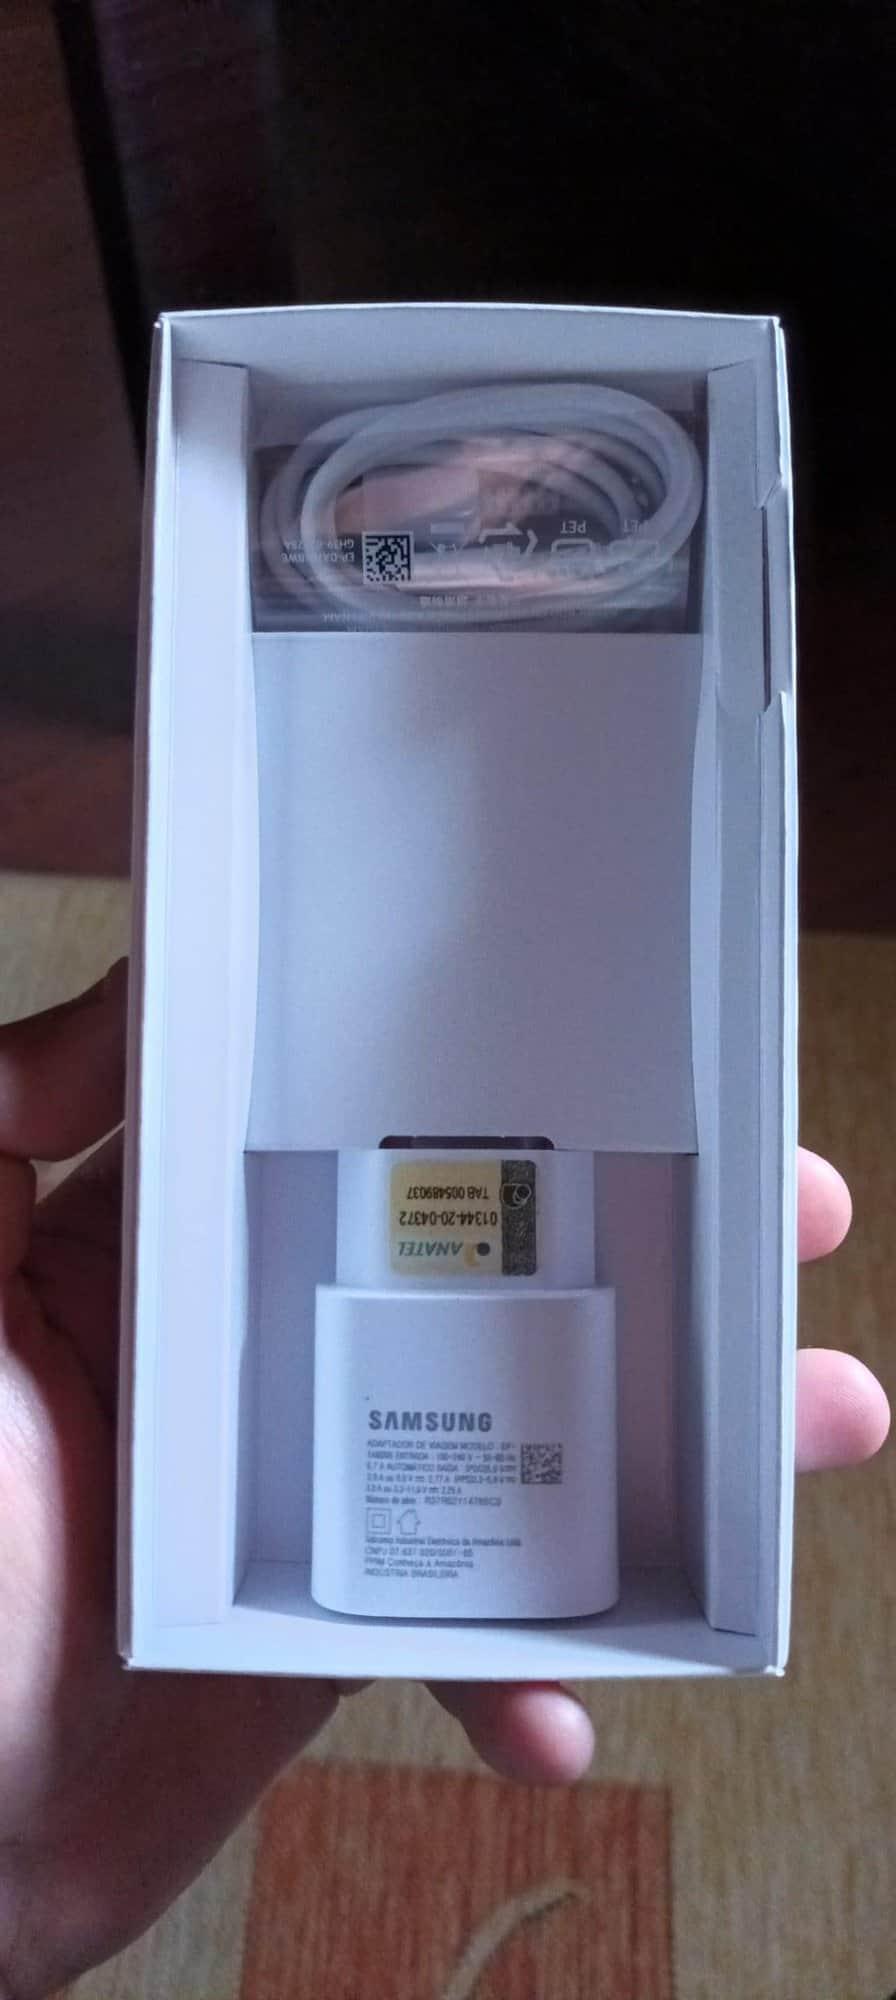 Imagem mostra o conteúdo que vem na caixa do smartphone Galaxy M62 - especificamente, um adaptador de tomada e o cabo USB, mas nenhum fone. Samsung lançou o Galaxy M32 e o Galaxy M62 no varejo online brasileiro em 2 de agosto